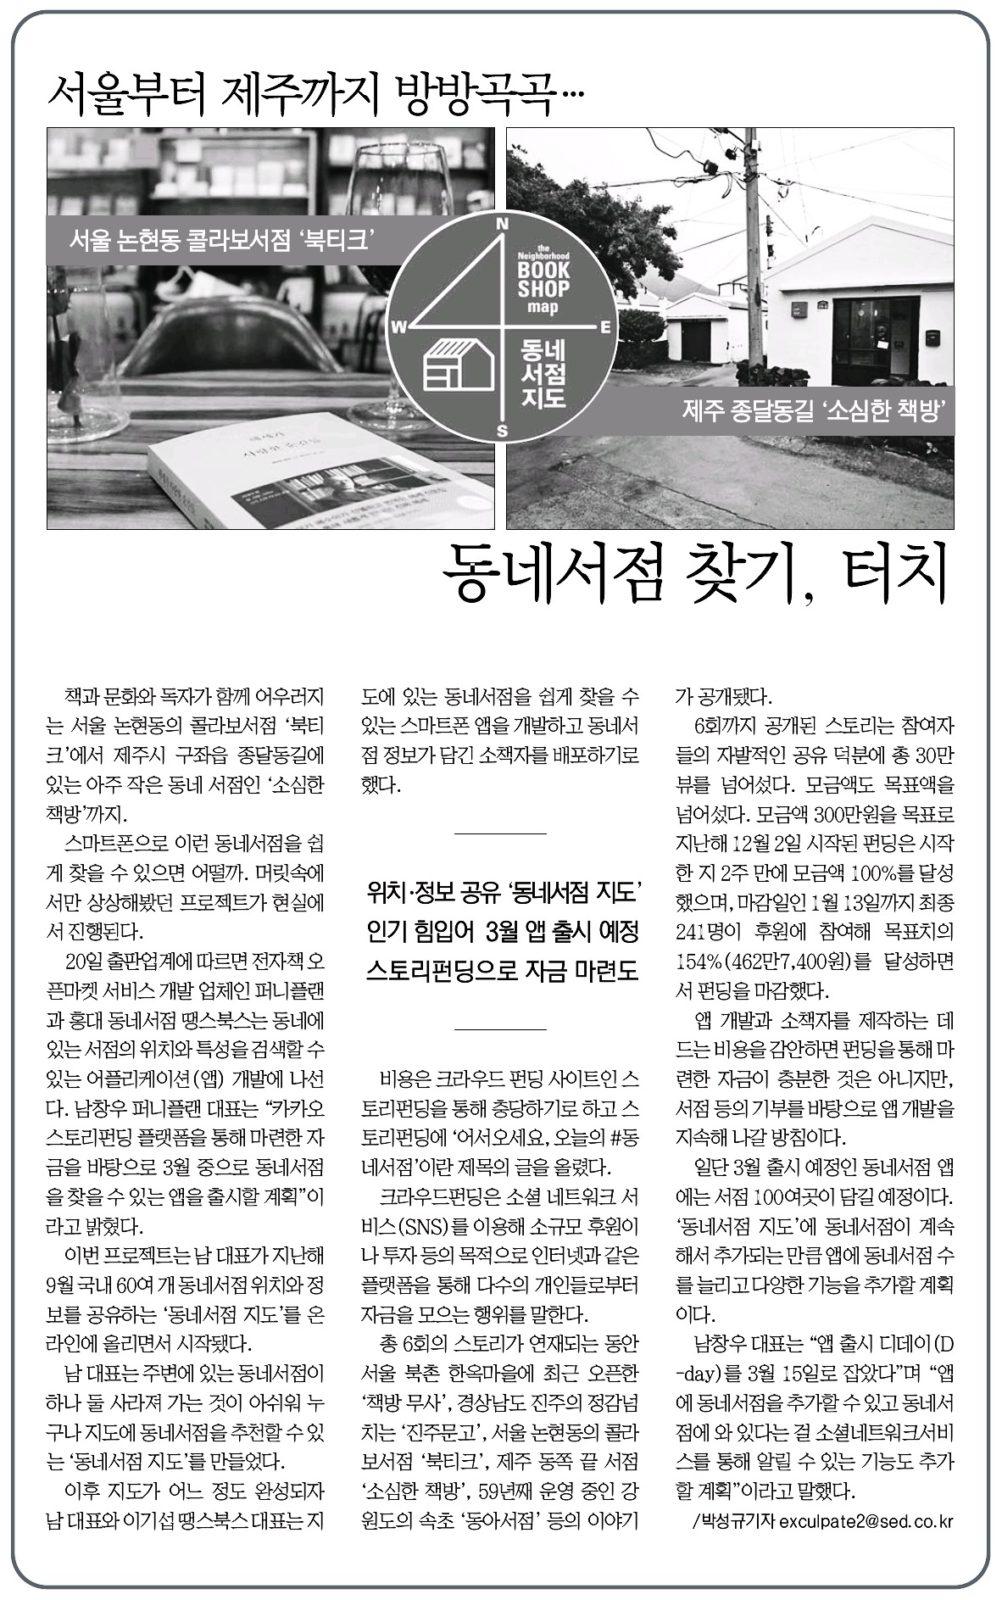 2016-01-20-서울부터 제주까지 방방곡곡… 동네서점 찾기, 터치-서울경제-기사